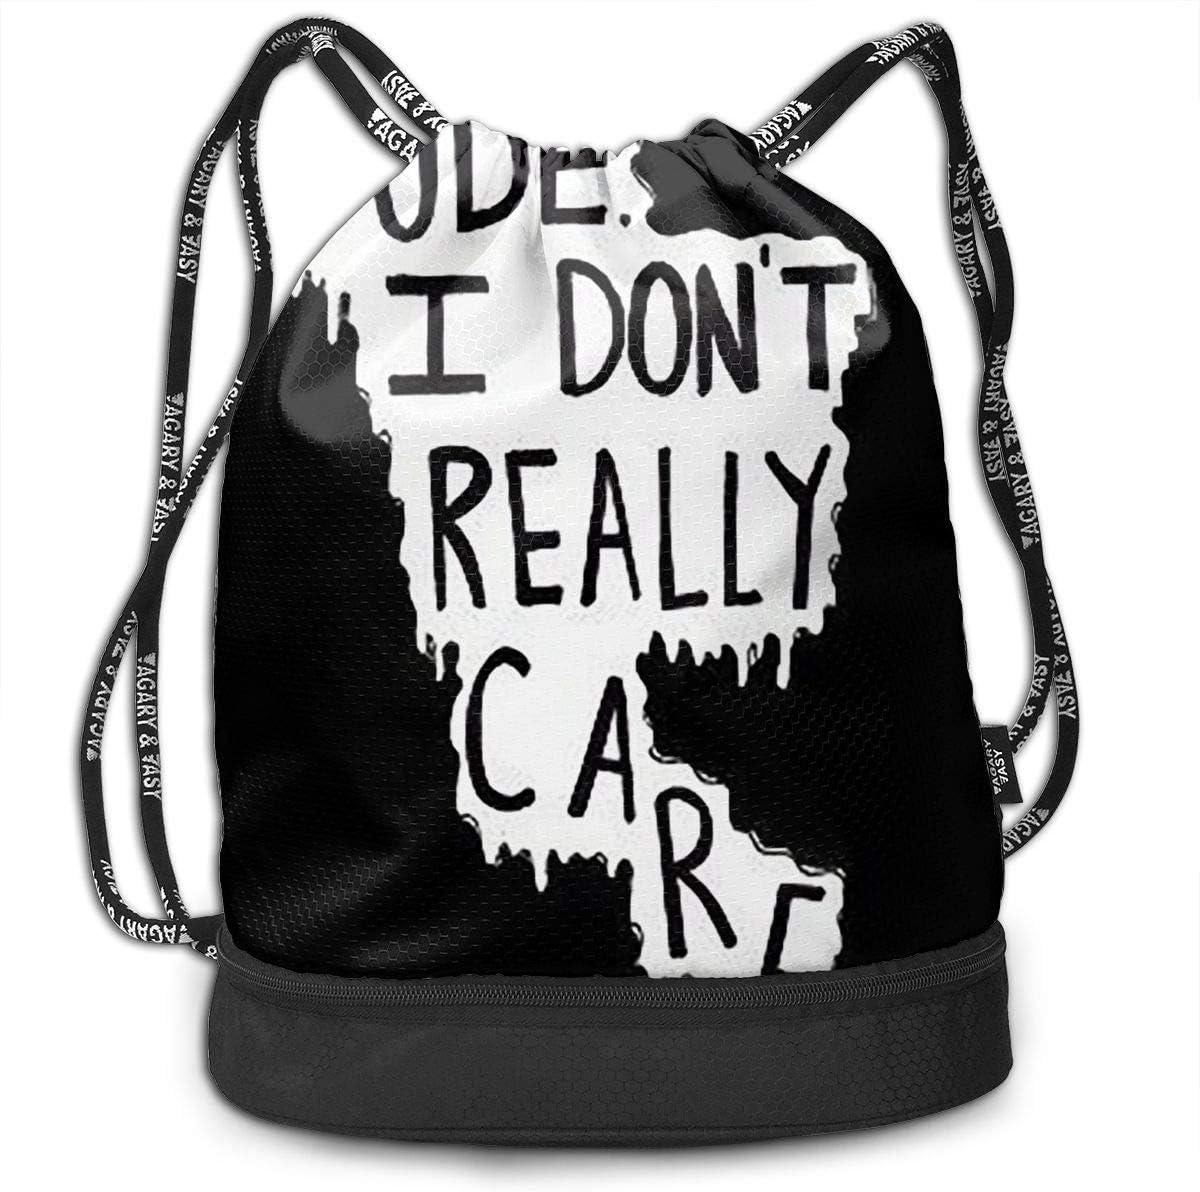 HUOPR5Q Delicious Sushi Drawstring Backpack Sport Gym Sack Shoulder Bulk Bag Dance Bag for School Travel